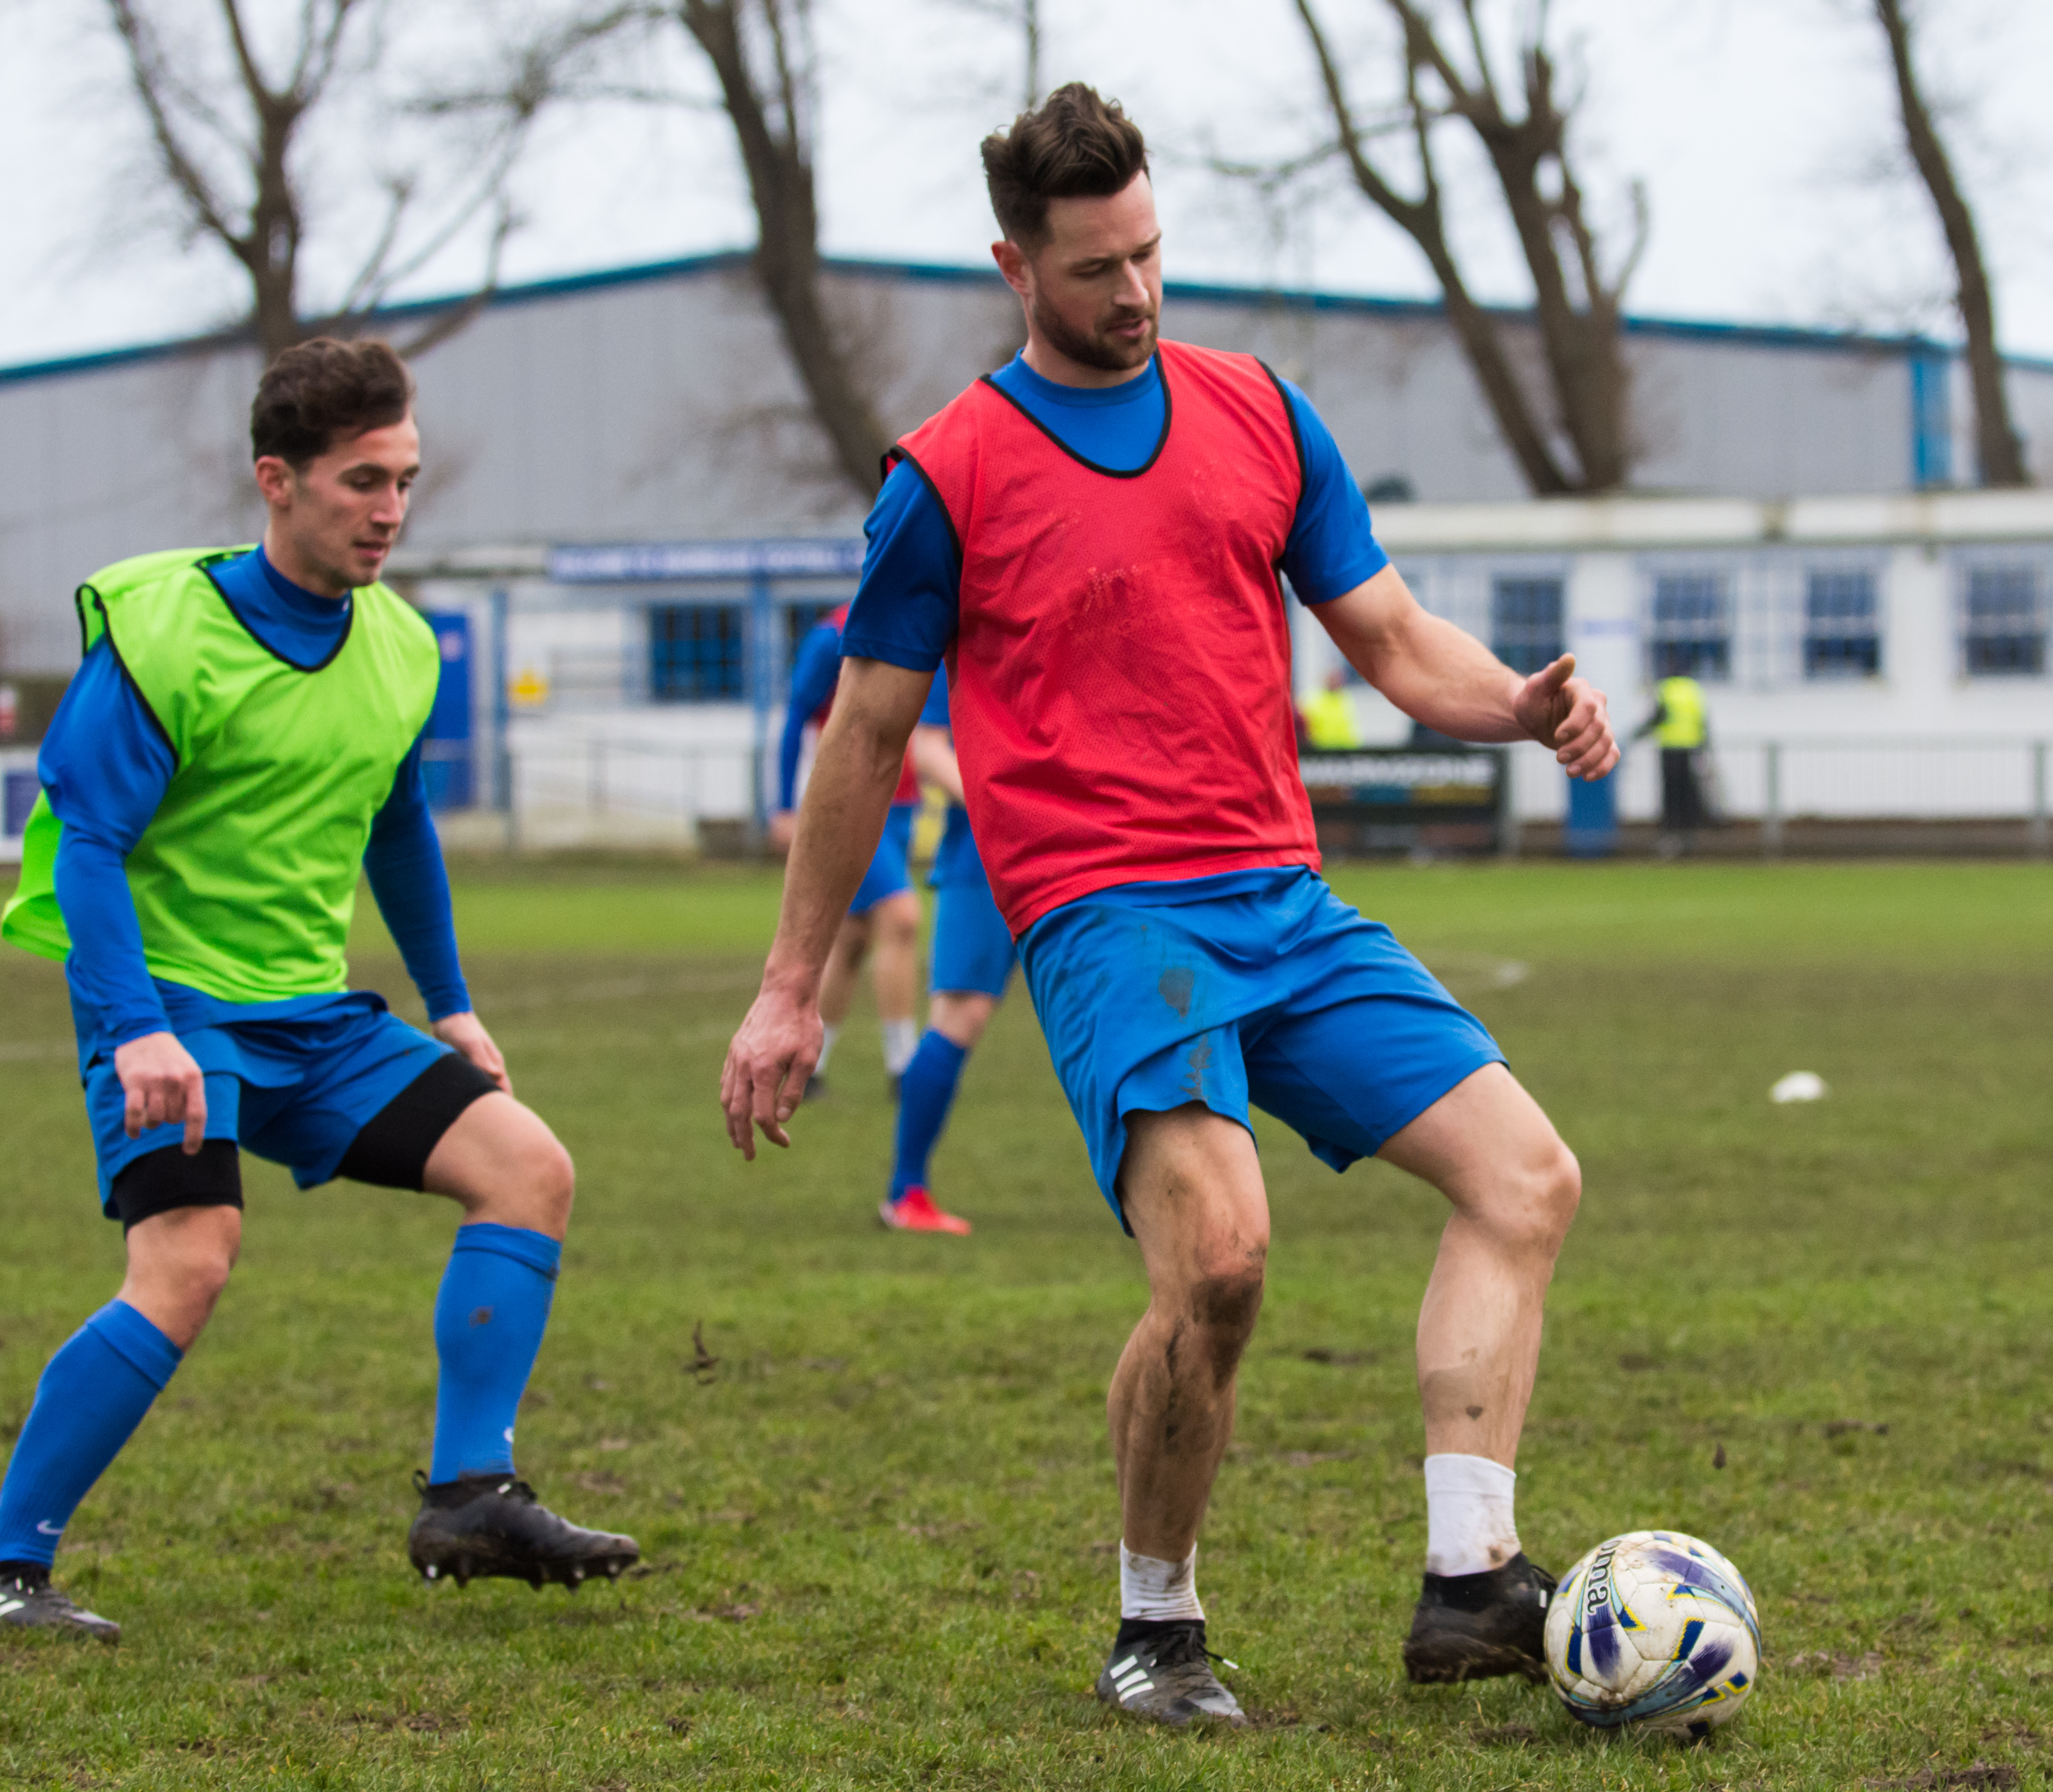 Shoreham FC vs Carshalton Ath 23.12.17 33